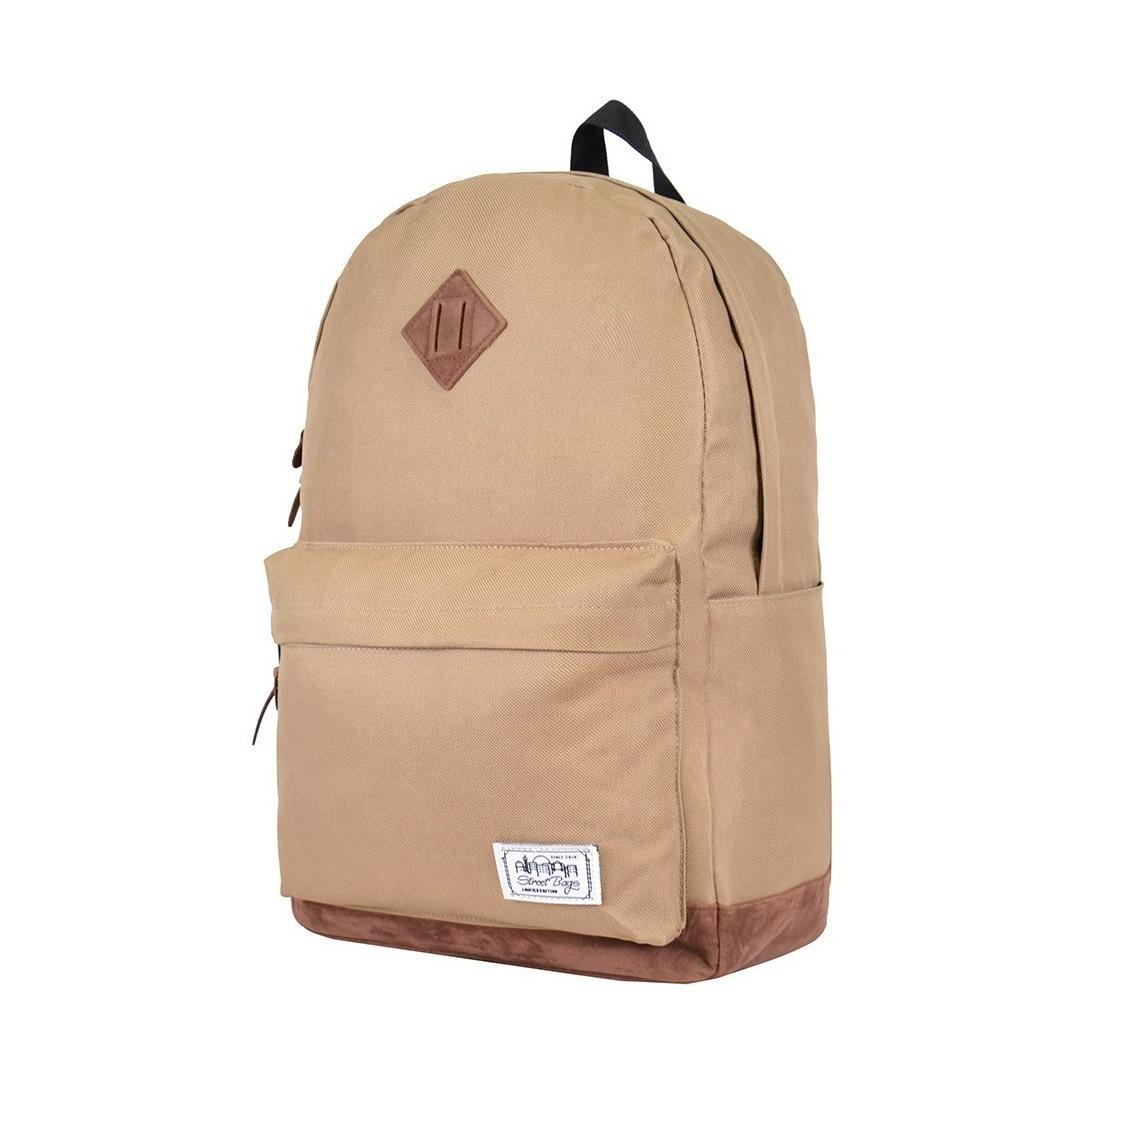 Отзыв о рюкзаке Street Bags